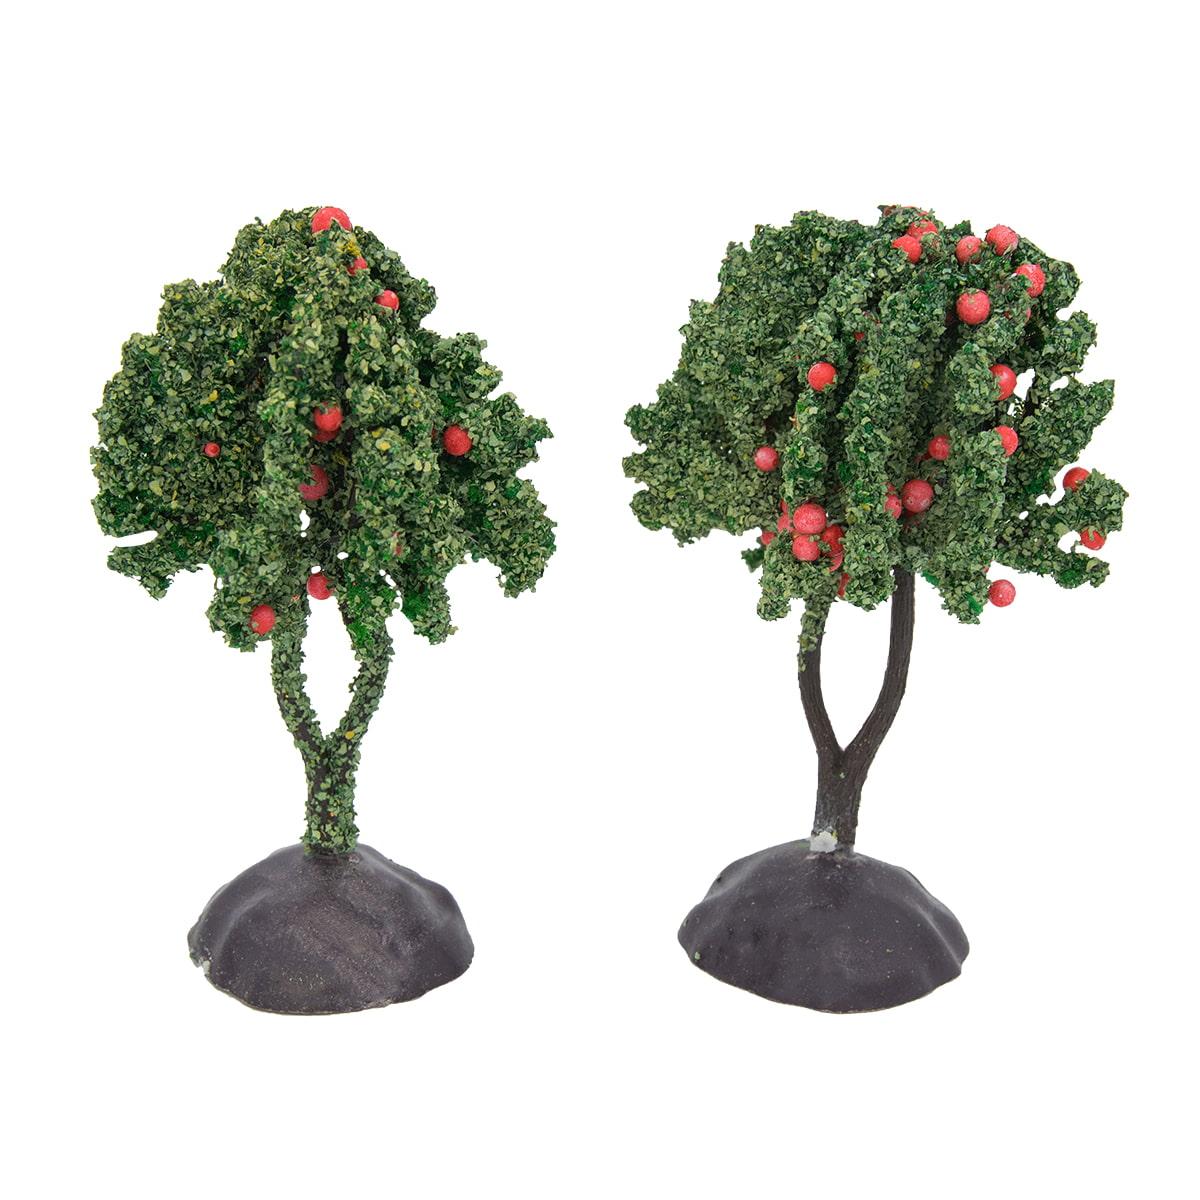 BGAT-8 Миниатюра. Деревце с плодами, 8см, 2шт/упак, цв.